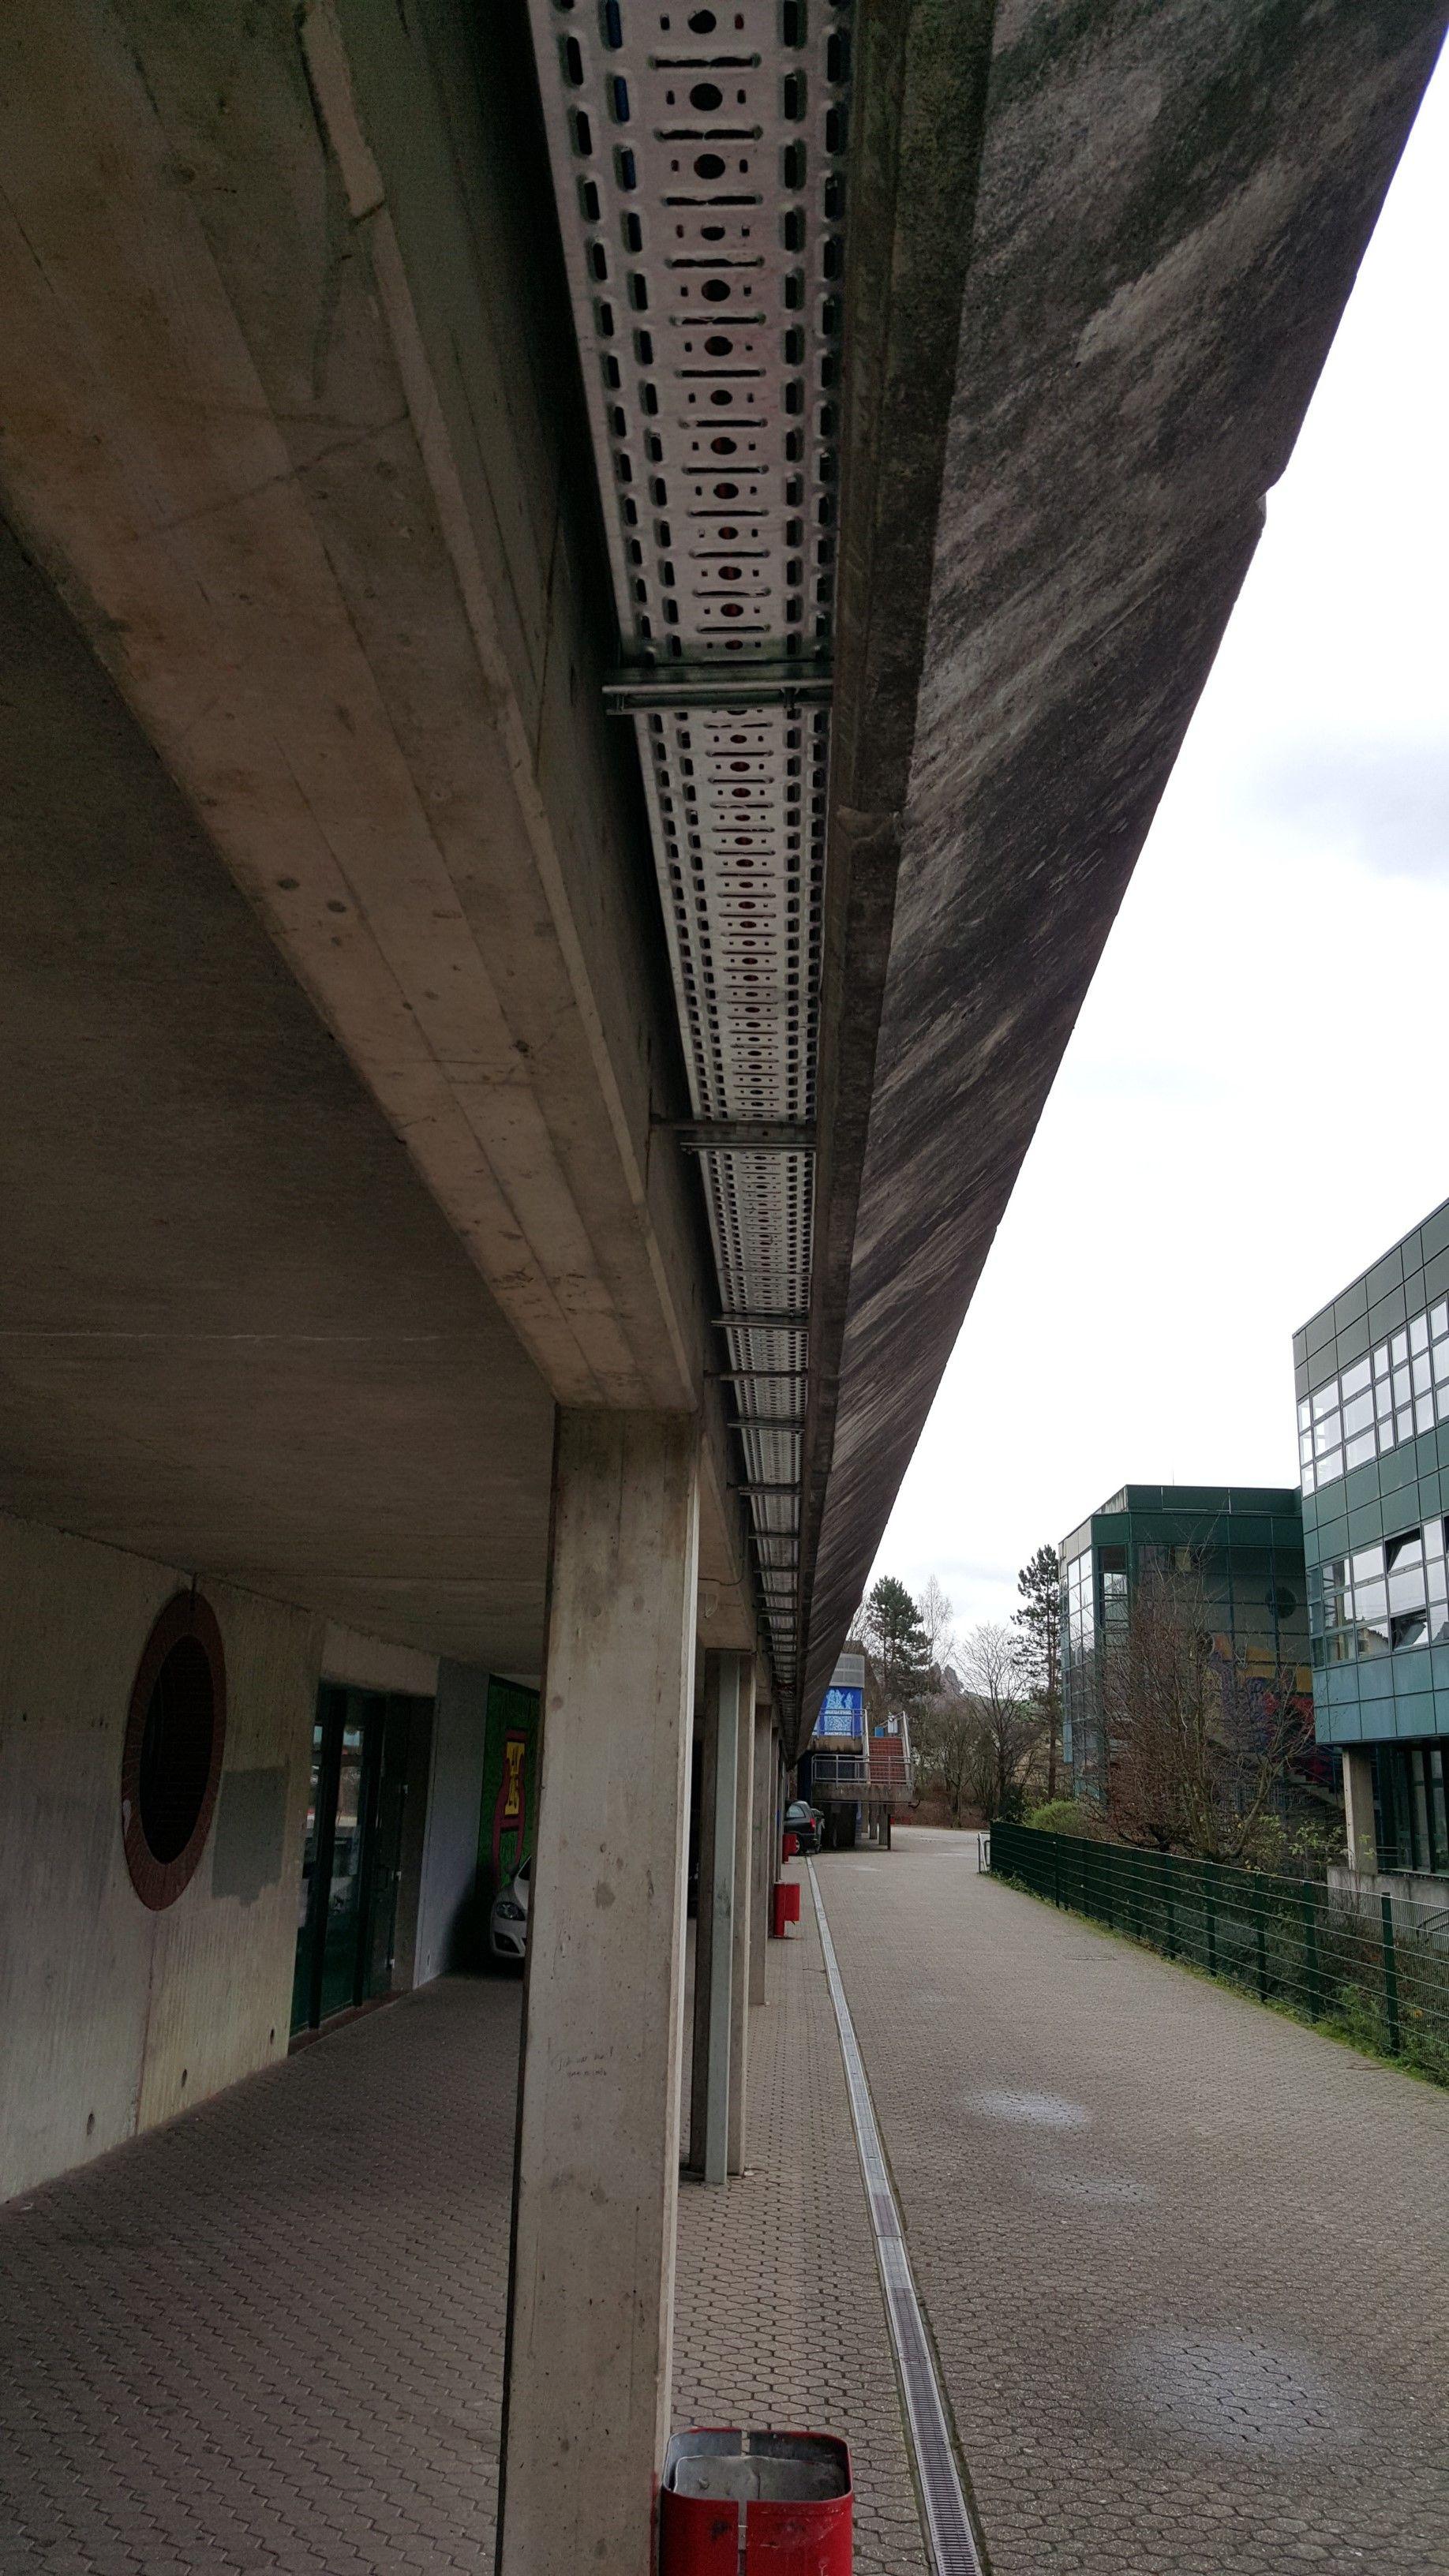 Kabeltrasse zur Anbindung der Sporthalle an die Schule